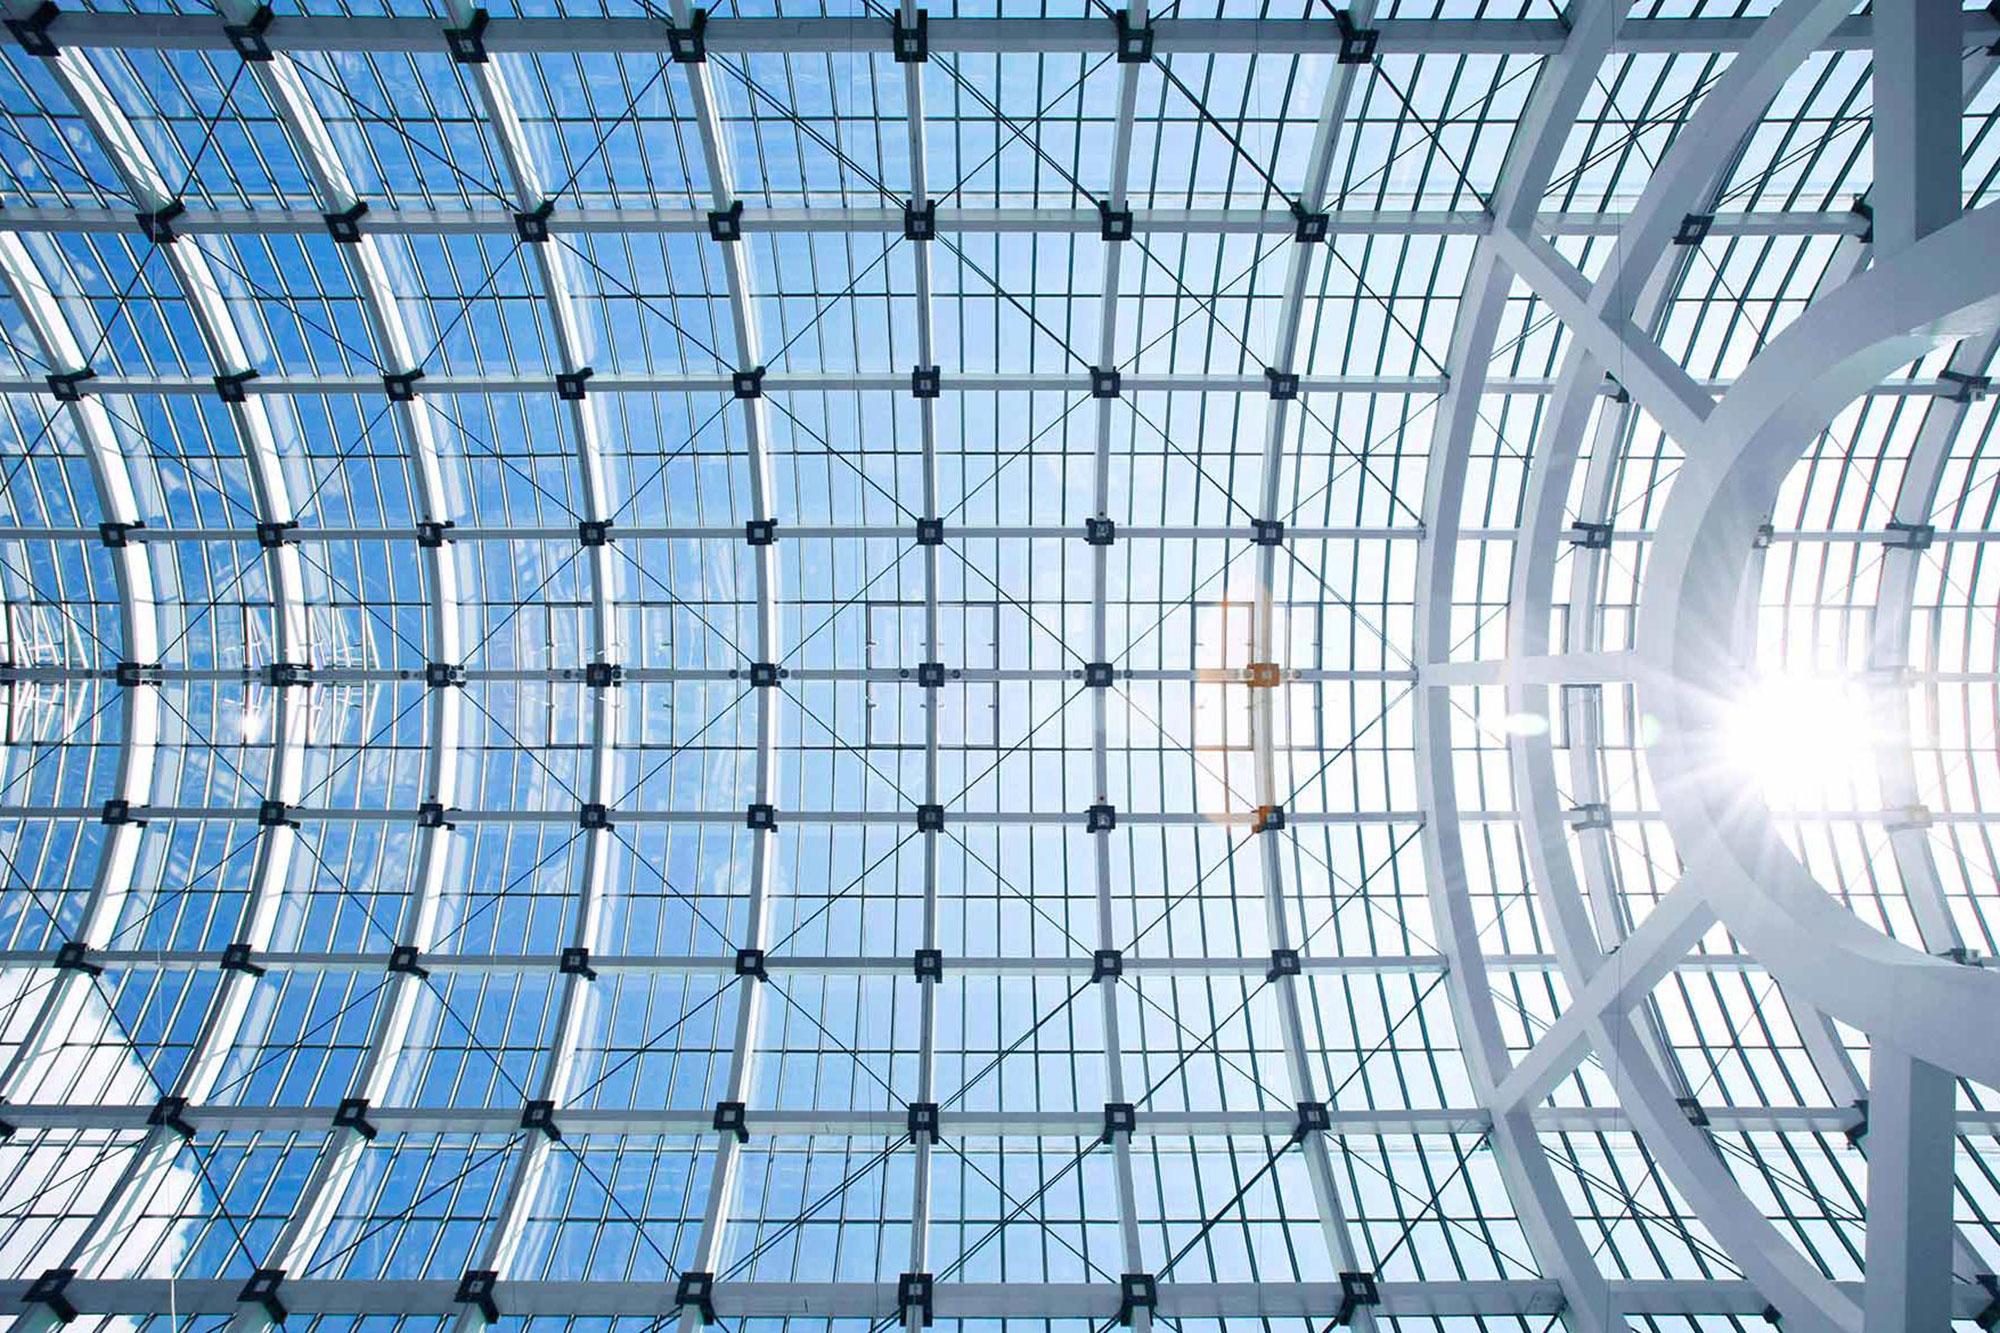 Galleria, Messe Frankfurt, Frankfurt am Main (architect: Ingo Schrader)